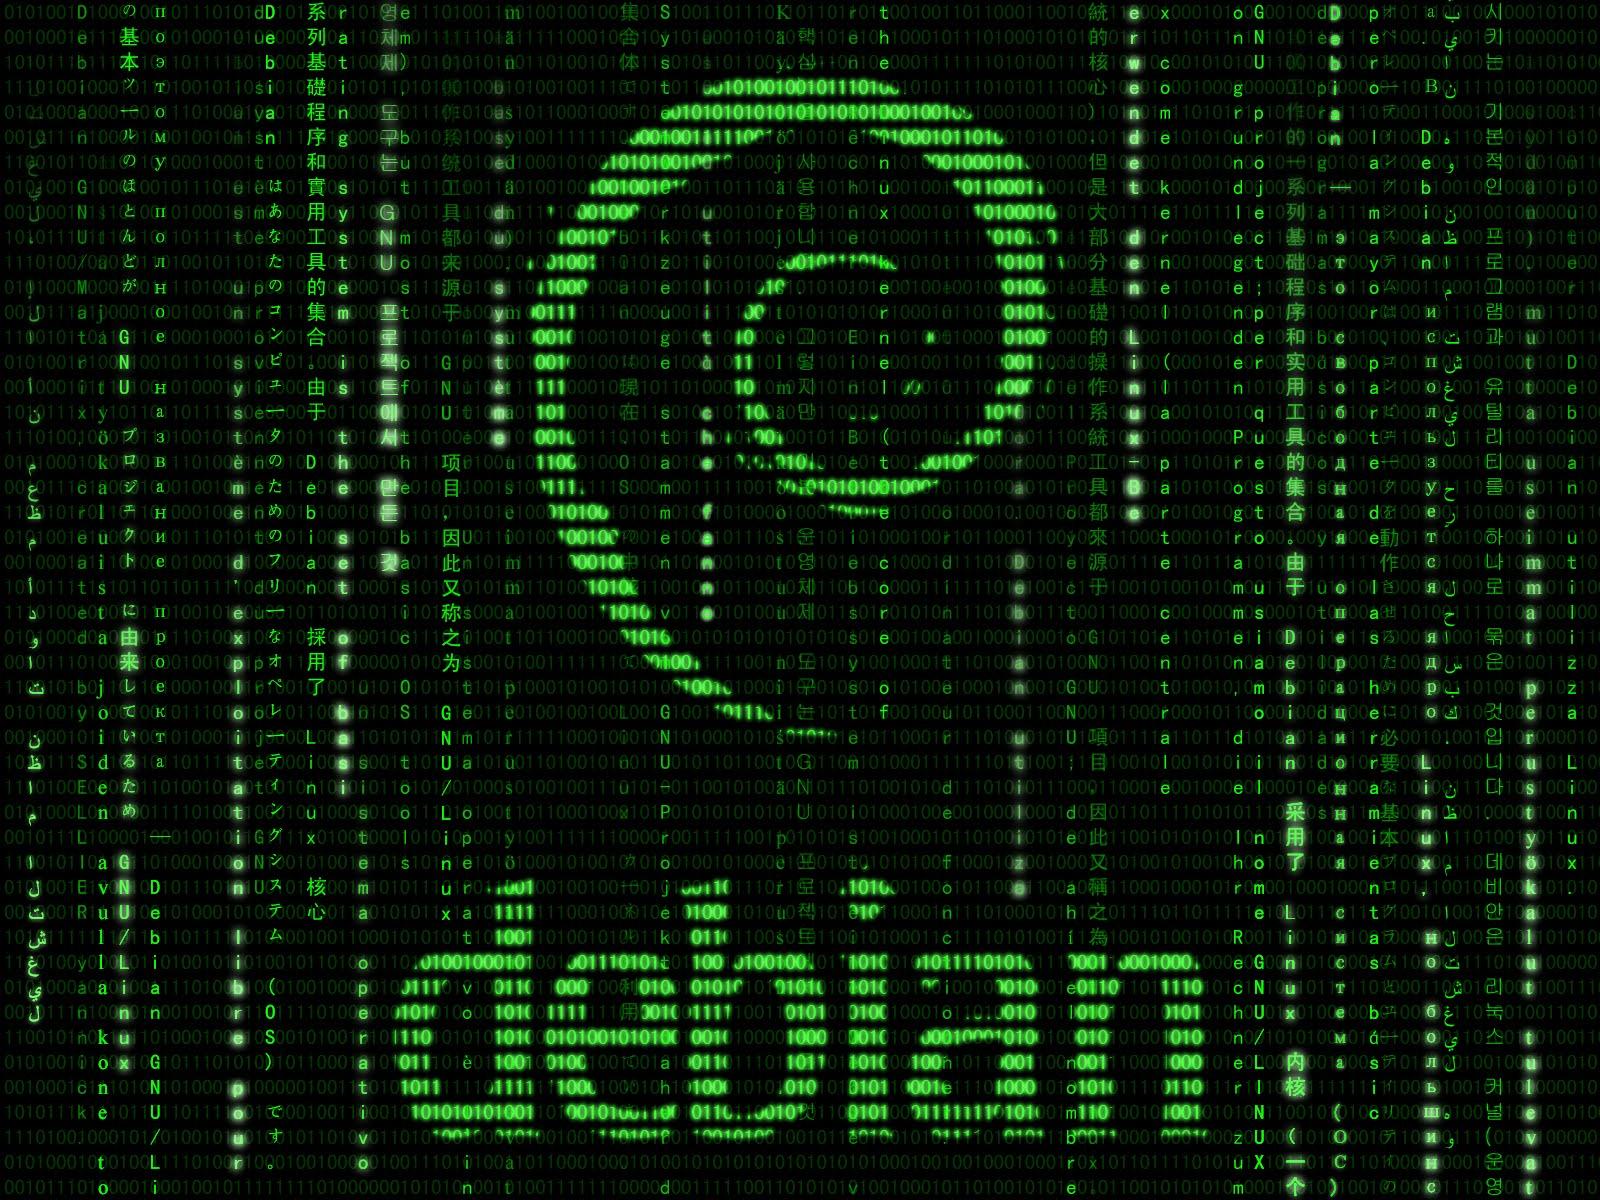 http://3.bp.blogspot.com/_579QThLM5tM/S_WwH2Coj0I/AAAAAAAAAh4/hGVWfWZrAfo/s1600/Yannix_-_debian_GNU-Matrix.jpg